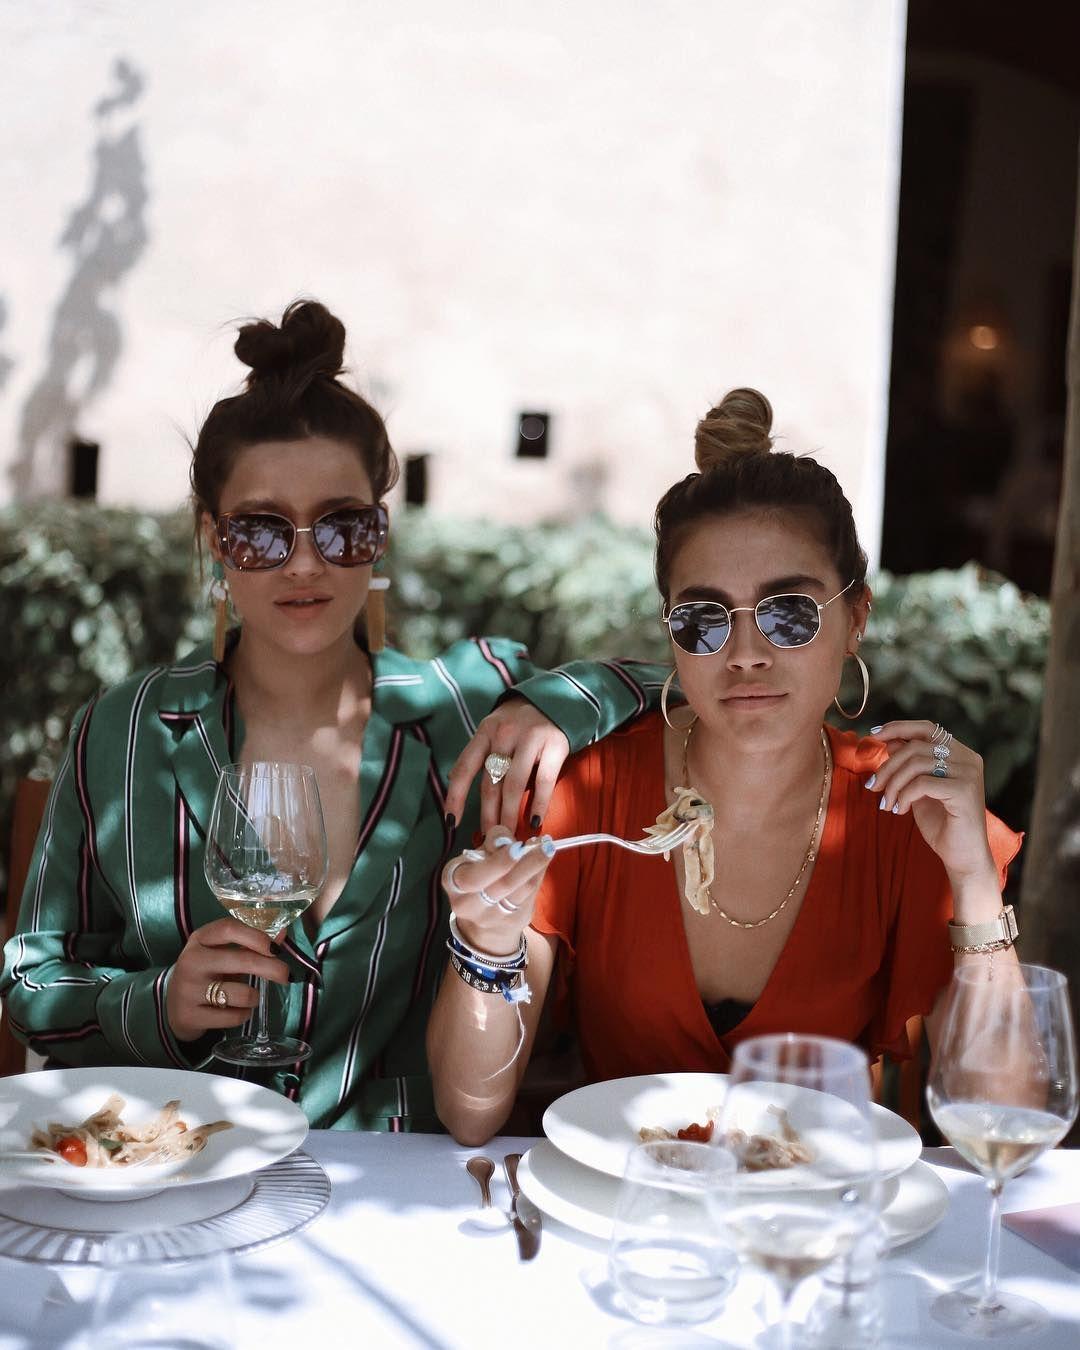 f305b88a103b5 Pin do(a) Beatriz Gomes em Restaurante Bar   Instagram, Friendship e Bar